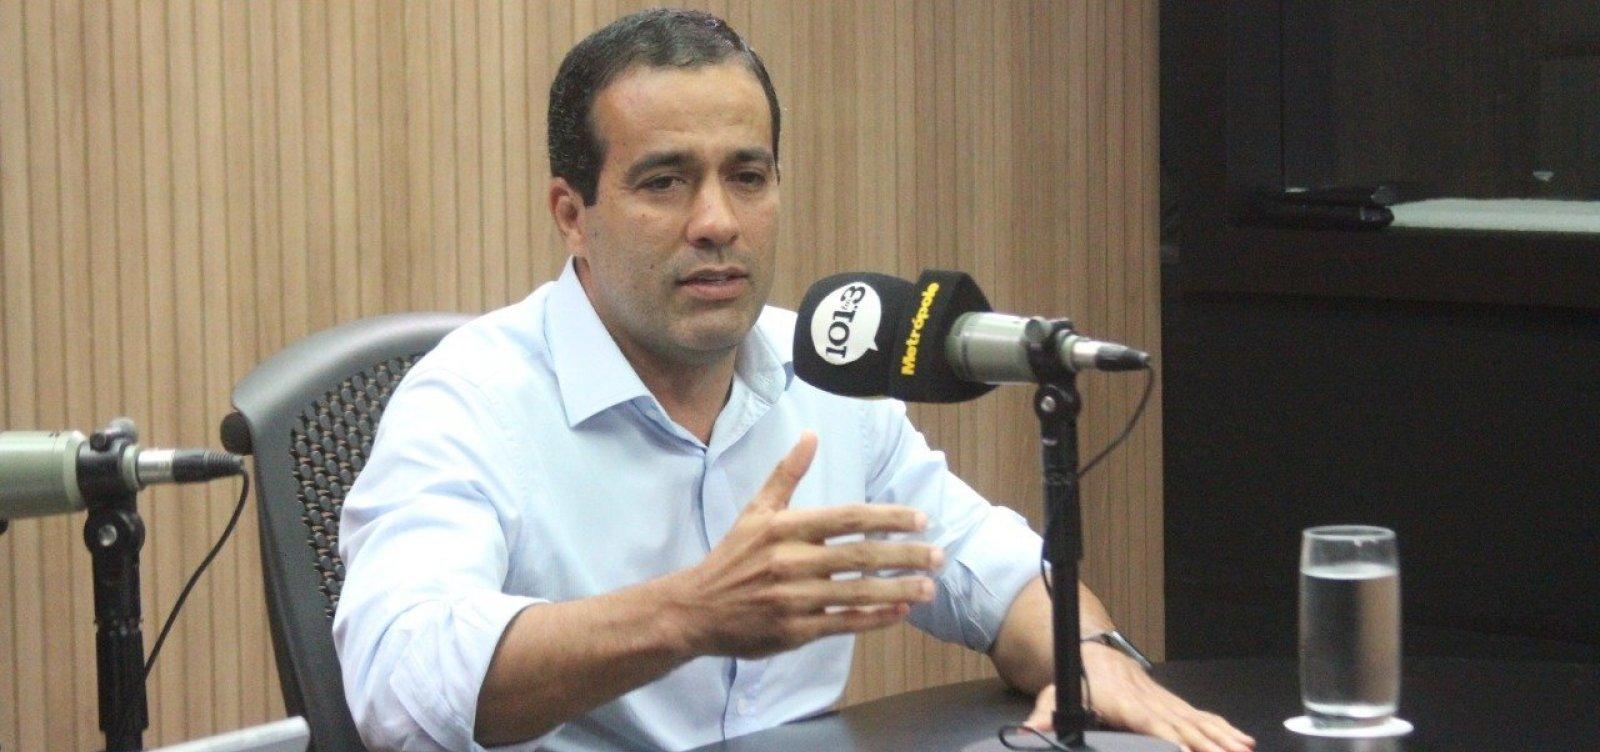 Eleições 2020: 'Não teria dificuldade nenhuma', diz Bruno Reis sobre aceitar a vice